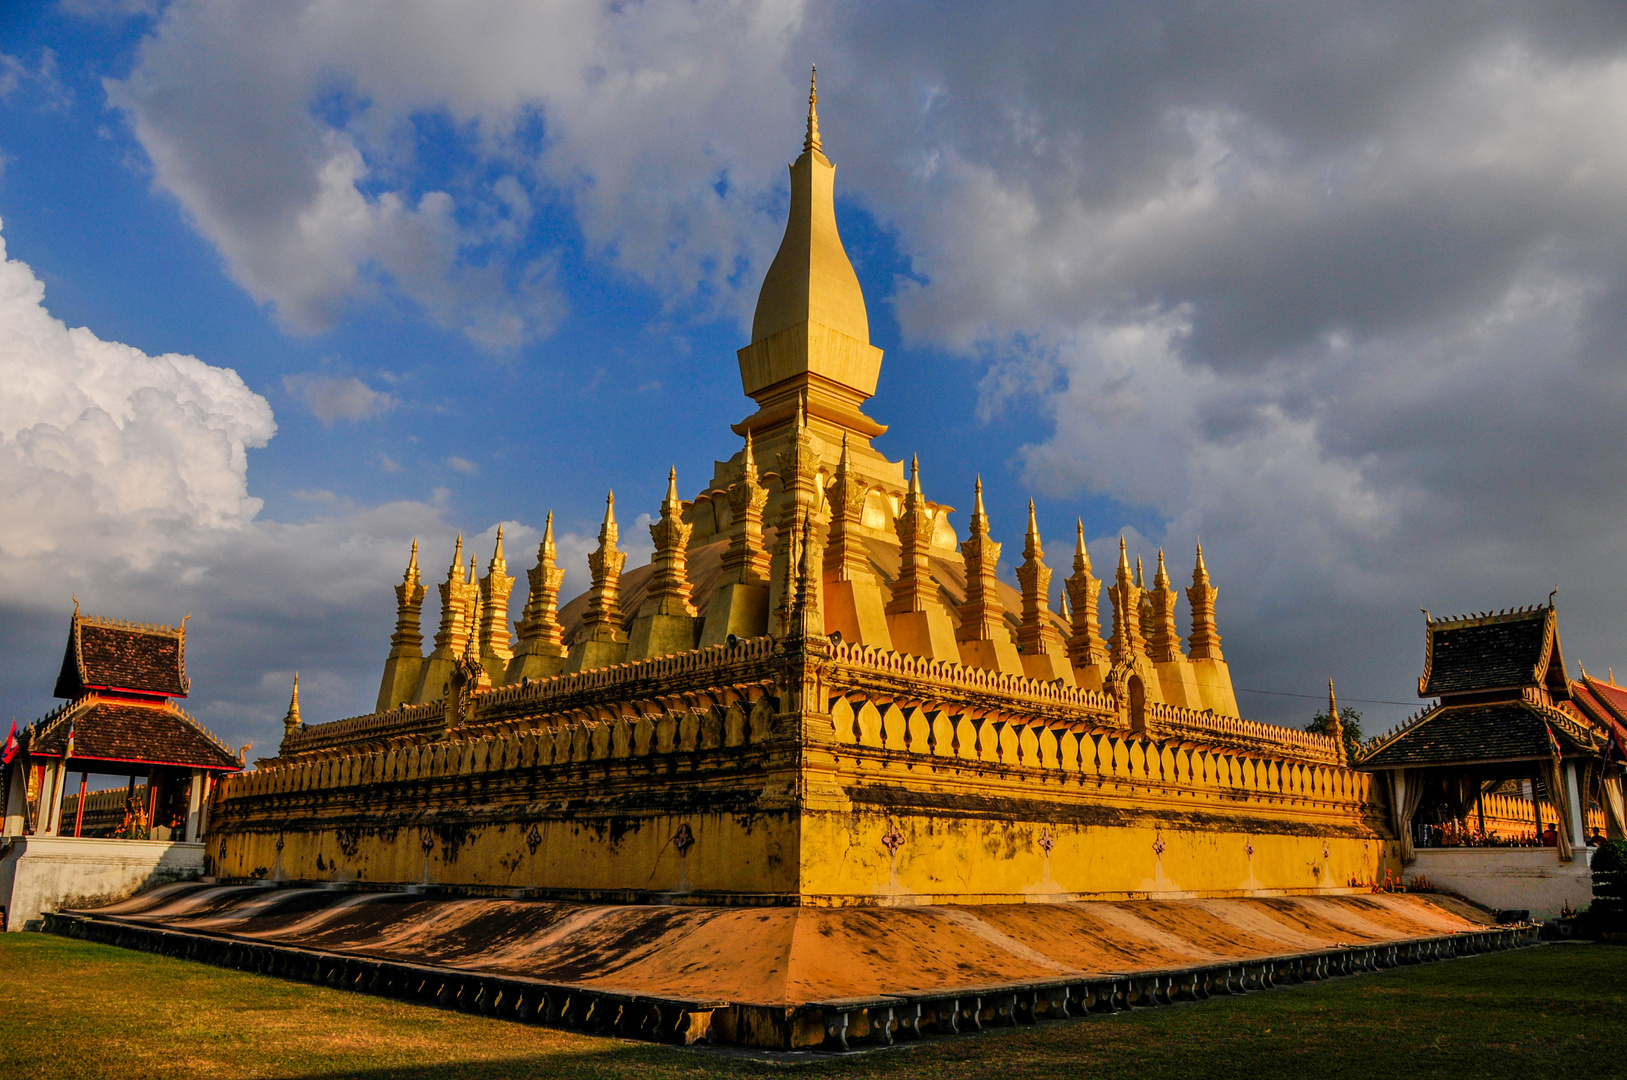 Pha That Luang